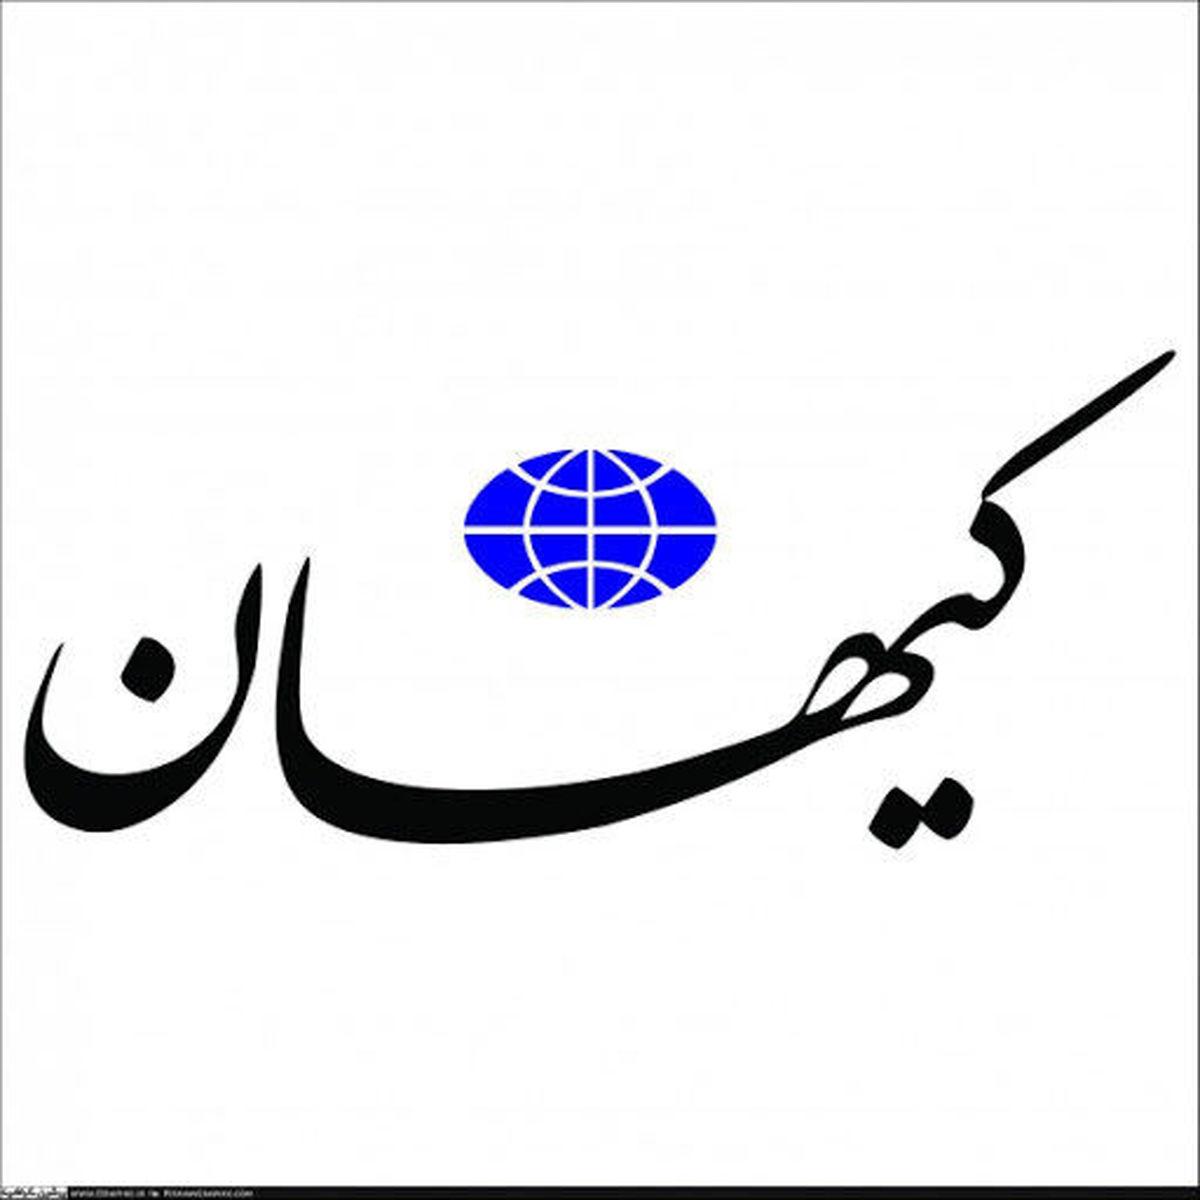 کیهان ردصلاحیت گسترده کاندیداهای ریاست جمهوری را خواهان شد